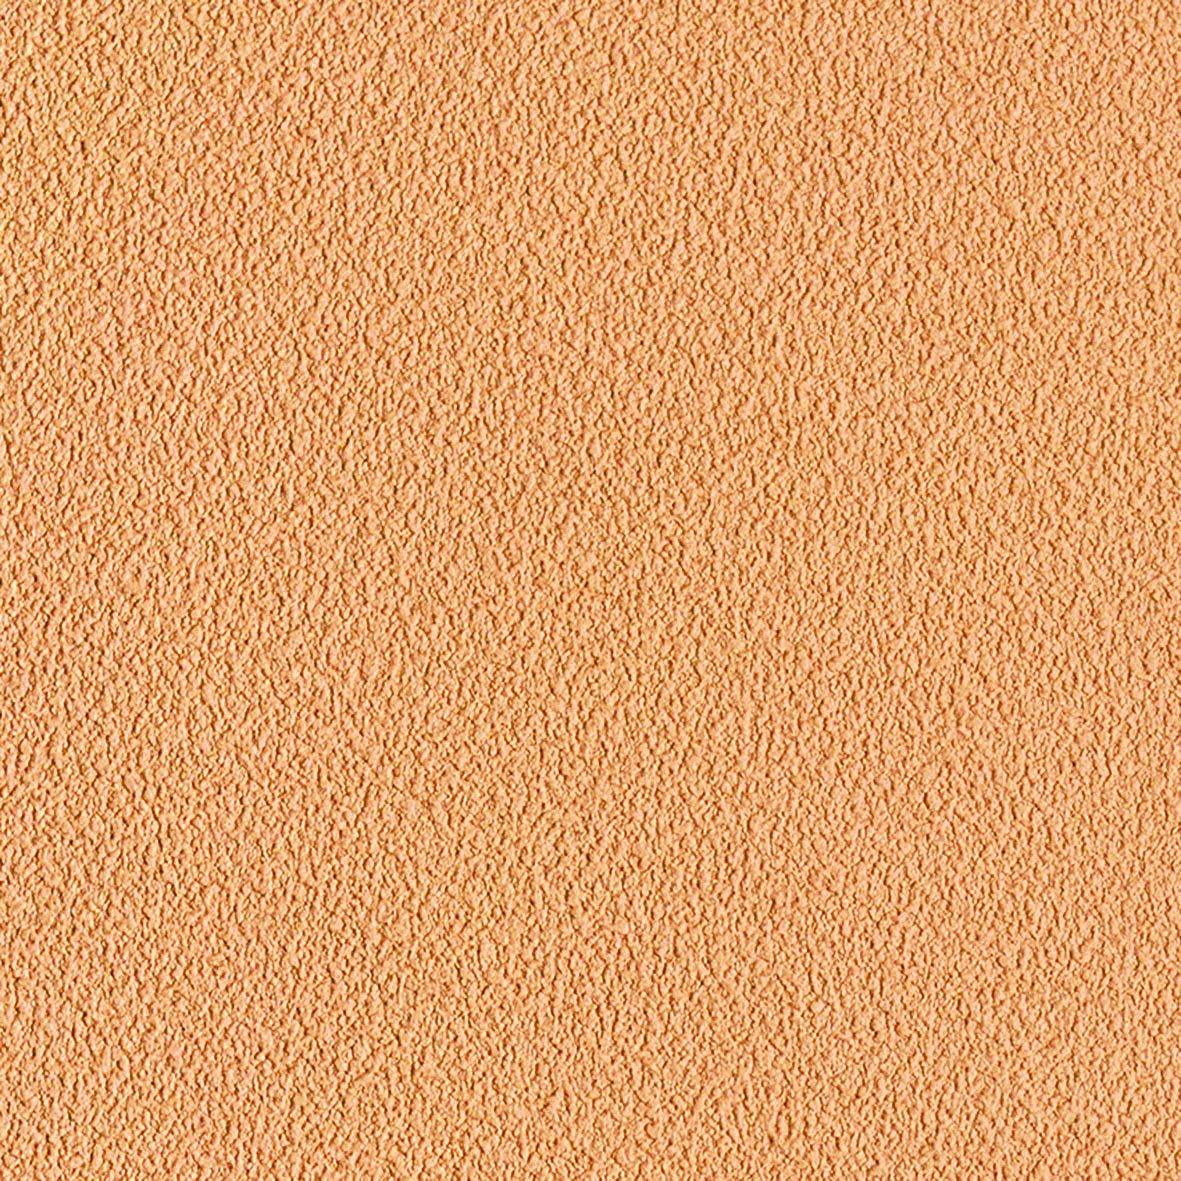 生まれのブランドで ナチュラル 壁紙30m リリカラ 石目調 30m ブラウン